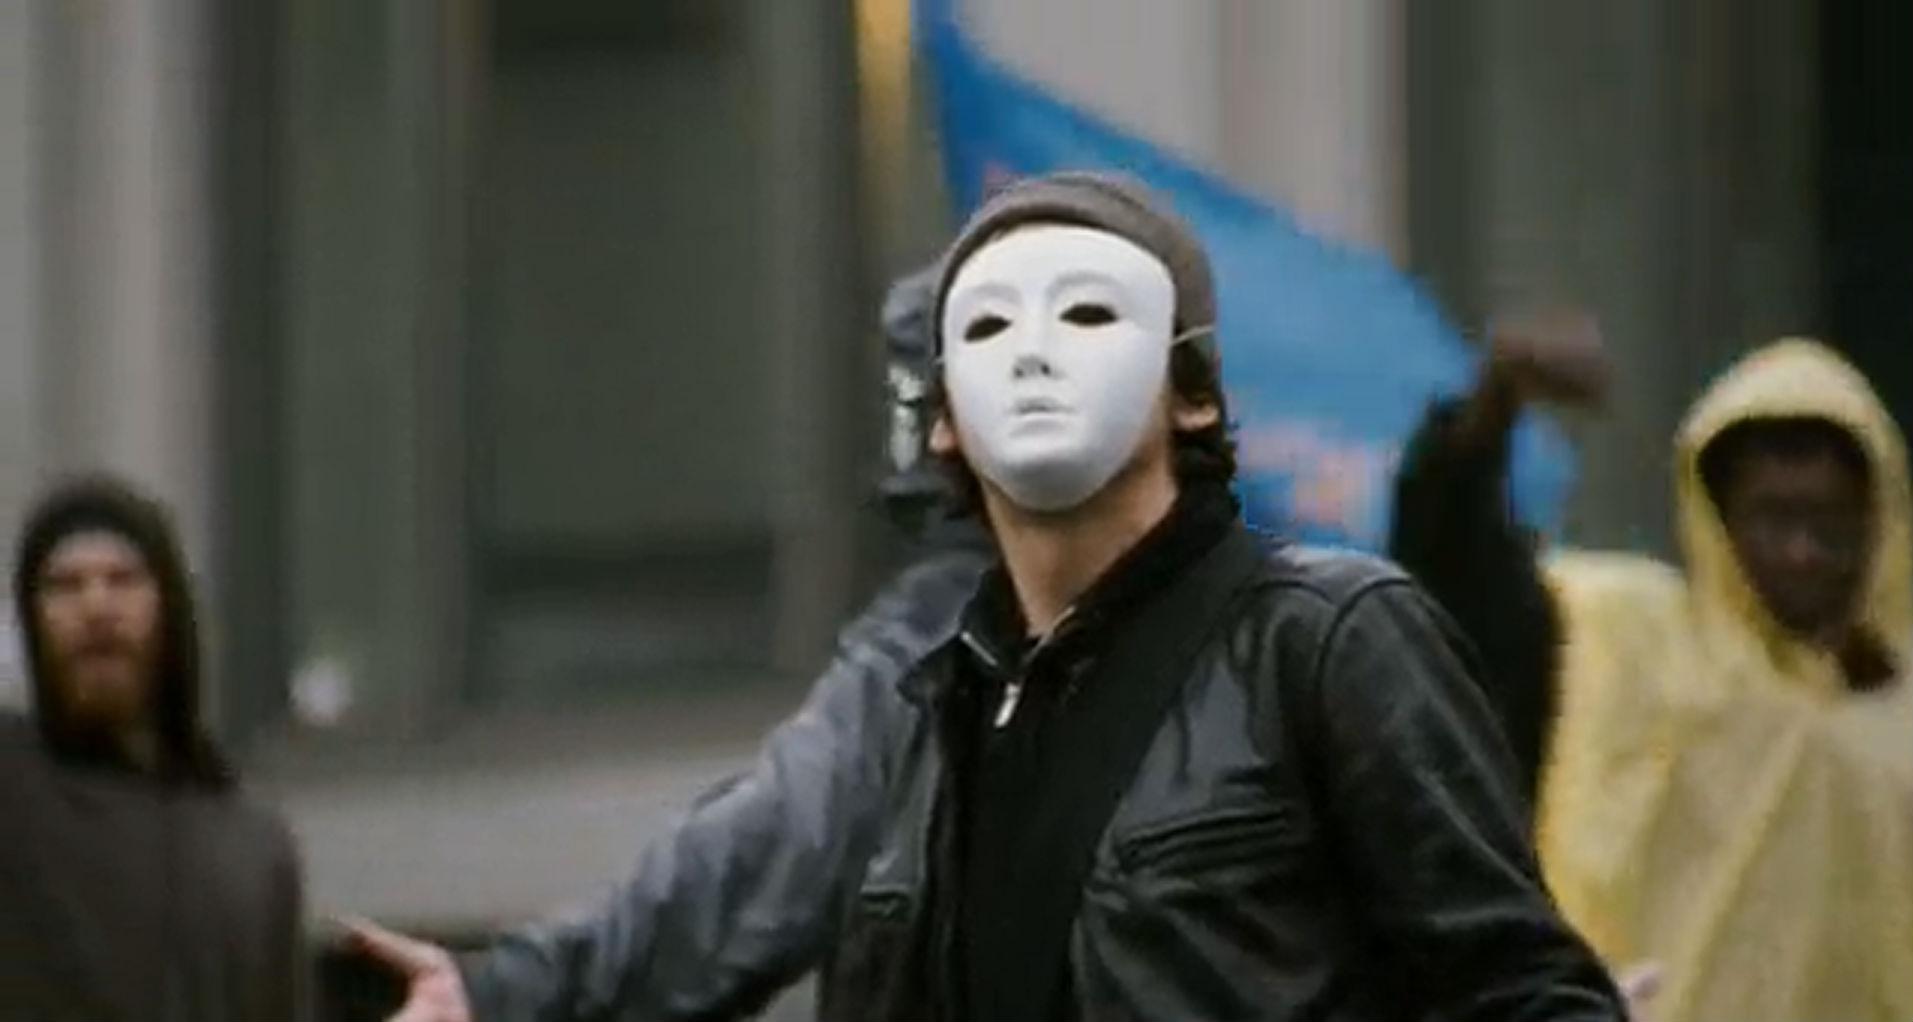 Смотреть кинофильм онлайн Битва в Сиэтле / Battle in Seattle Драма 2007 В хорошем качестве